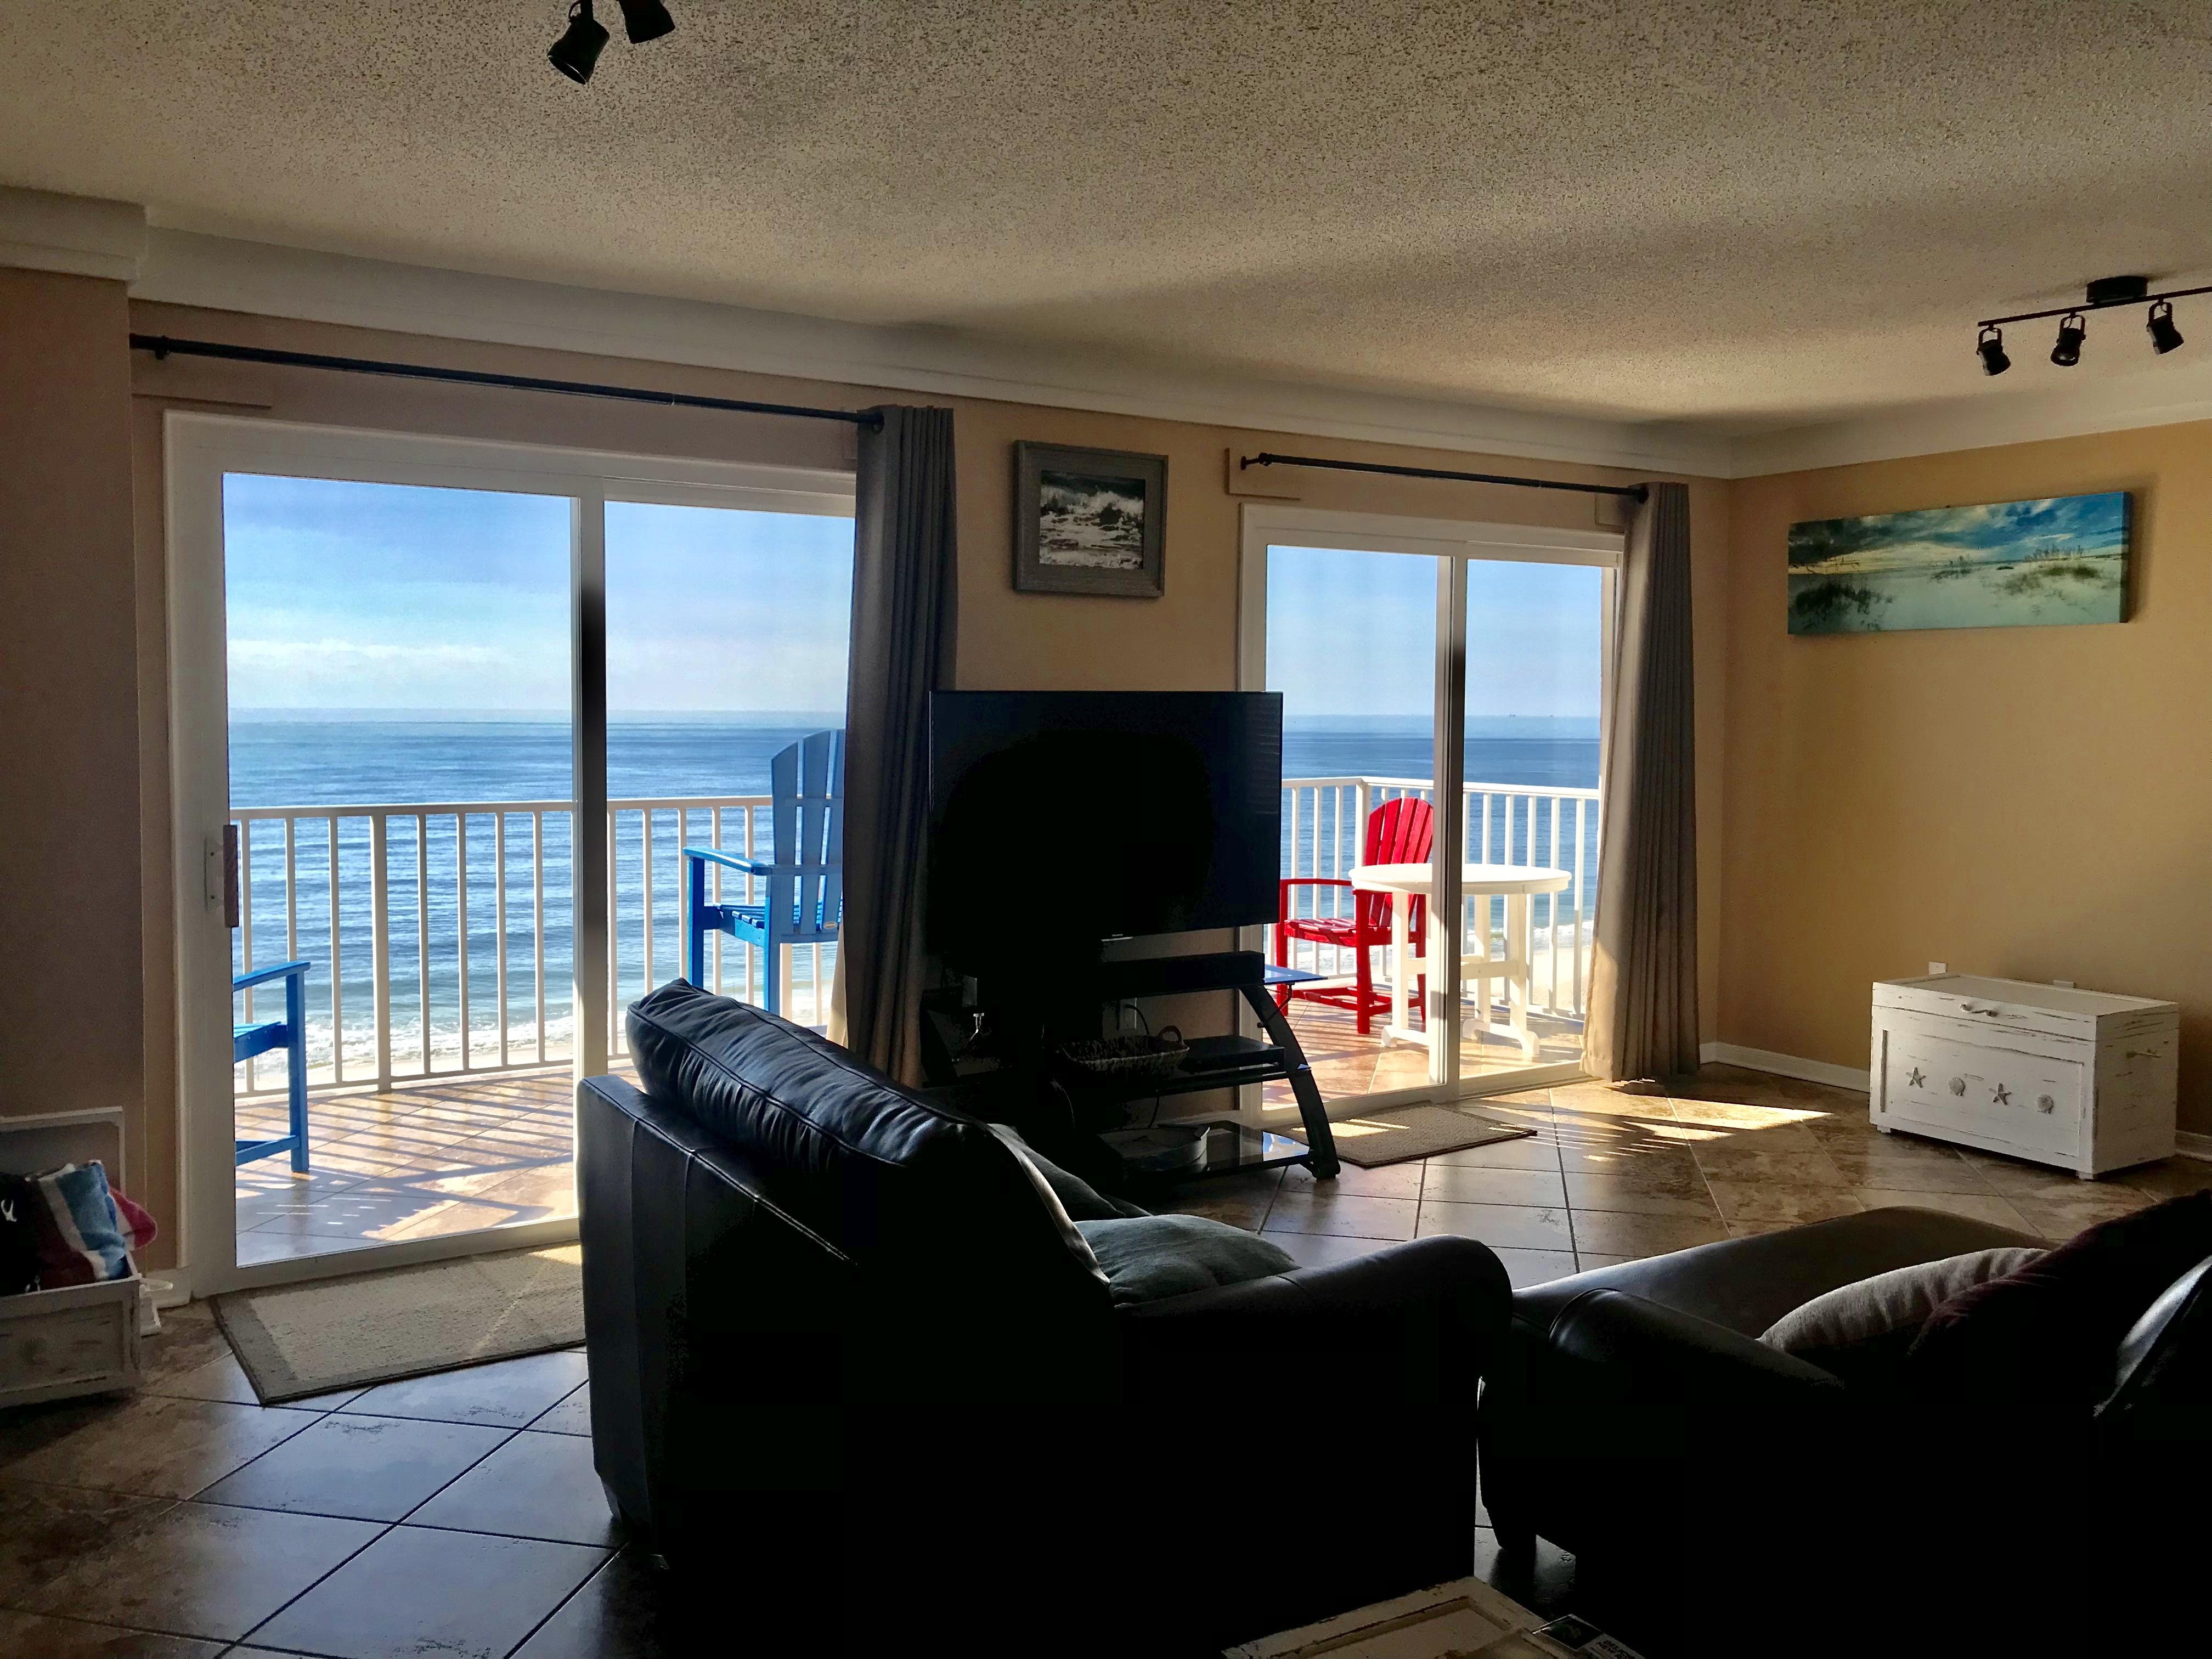 Ocean House 2606 Condo rental in Ocean House - Gulf Shores in Gulf Shores Alabama - #1